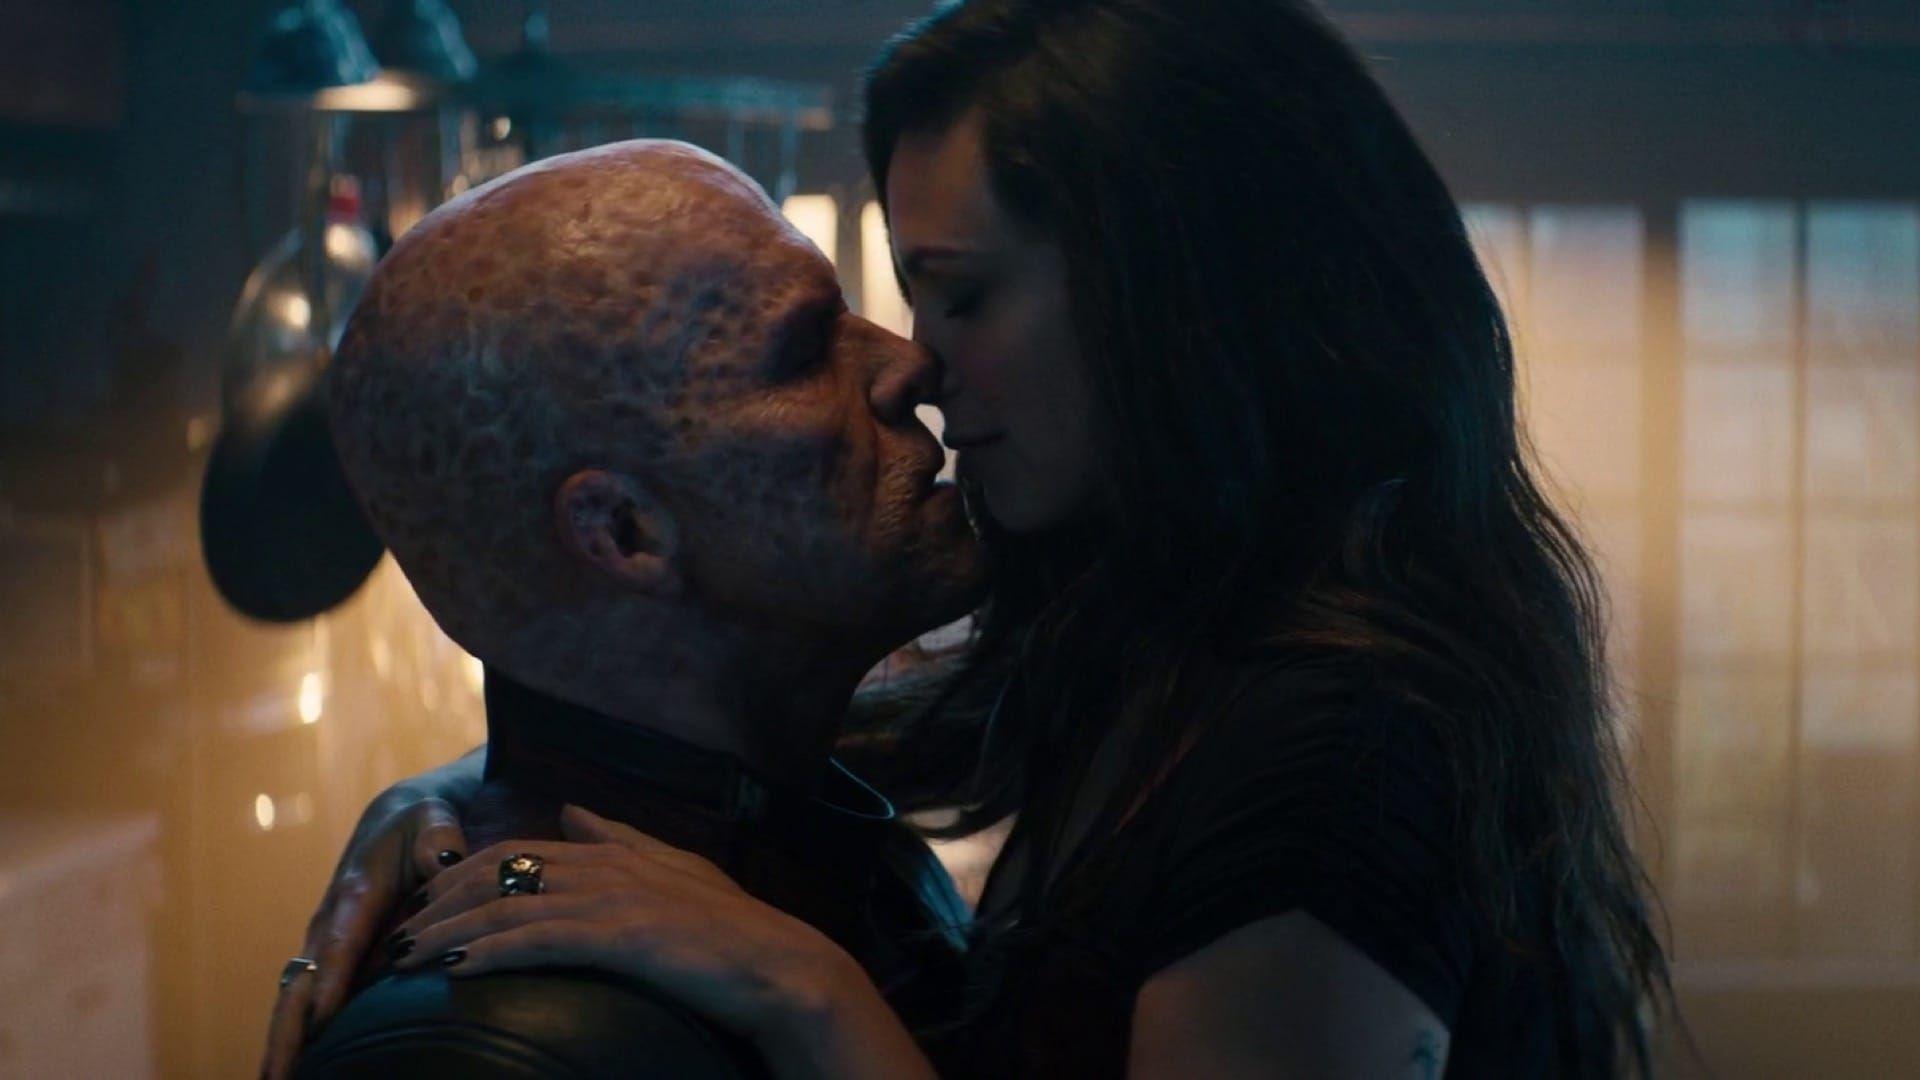 Altadefinizione Deadpool 2 2018 Streaming Ita Cb01 Film Completo Cinema Guarda Deadpool Free Movies Online Full Movies Online Free Streaming Movies Online